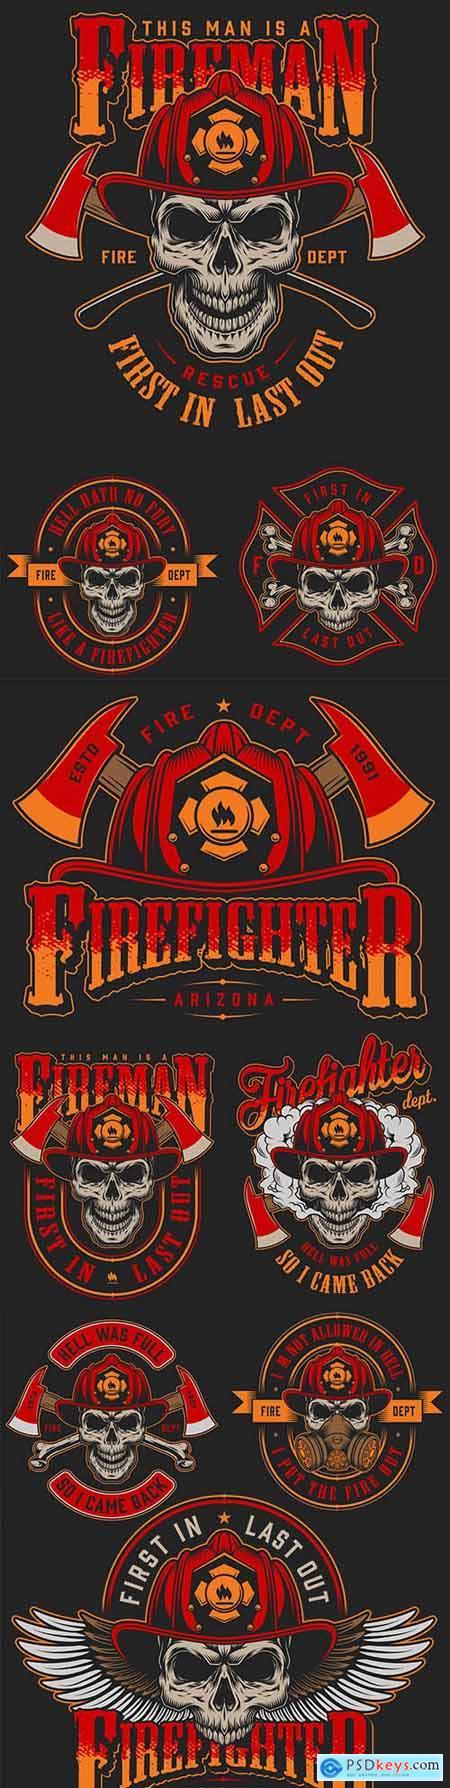 Skull firefighter in helmet design red label vintage